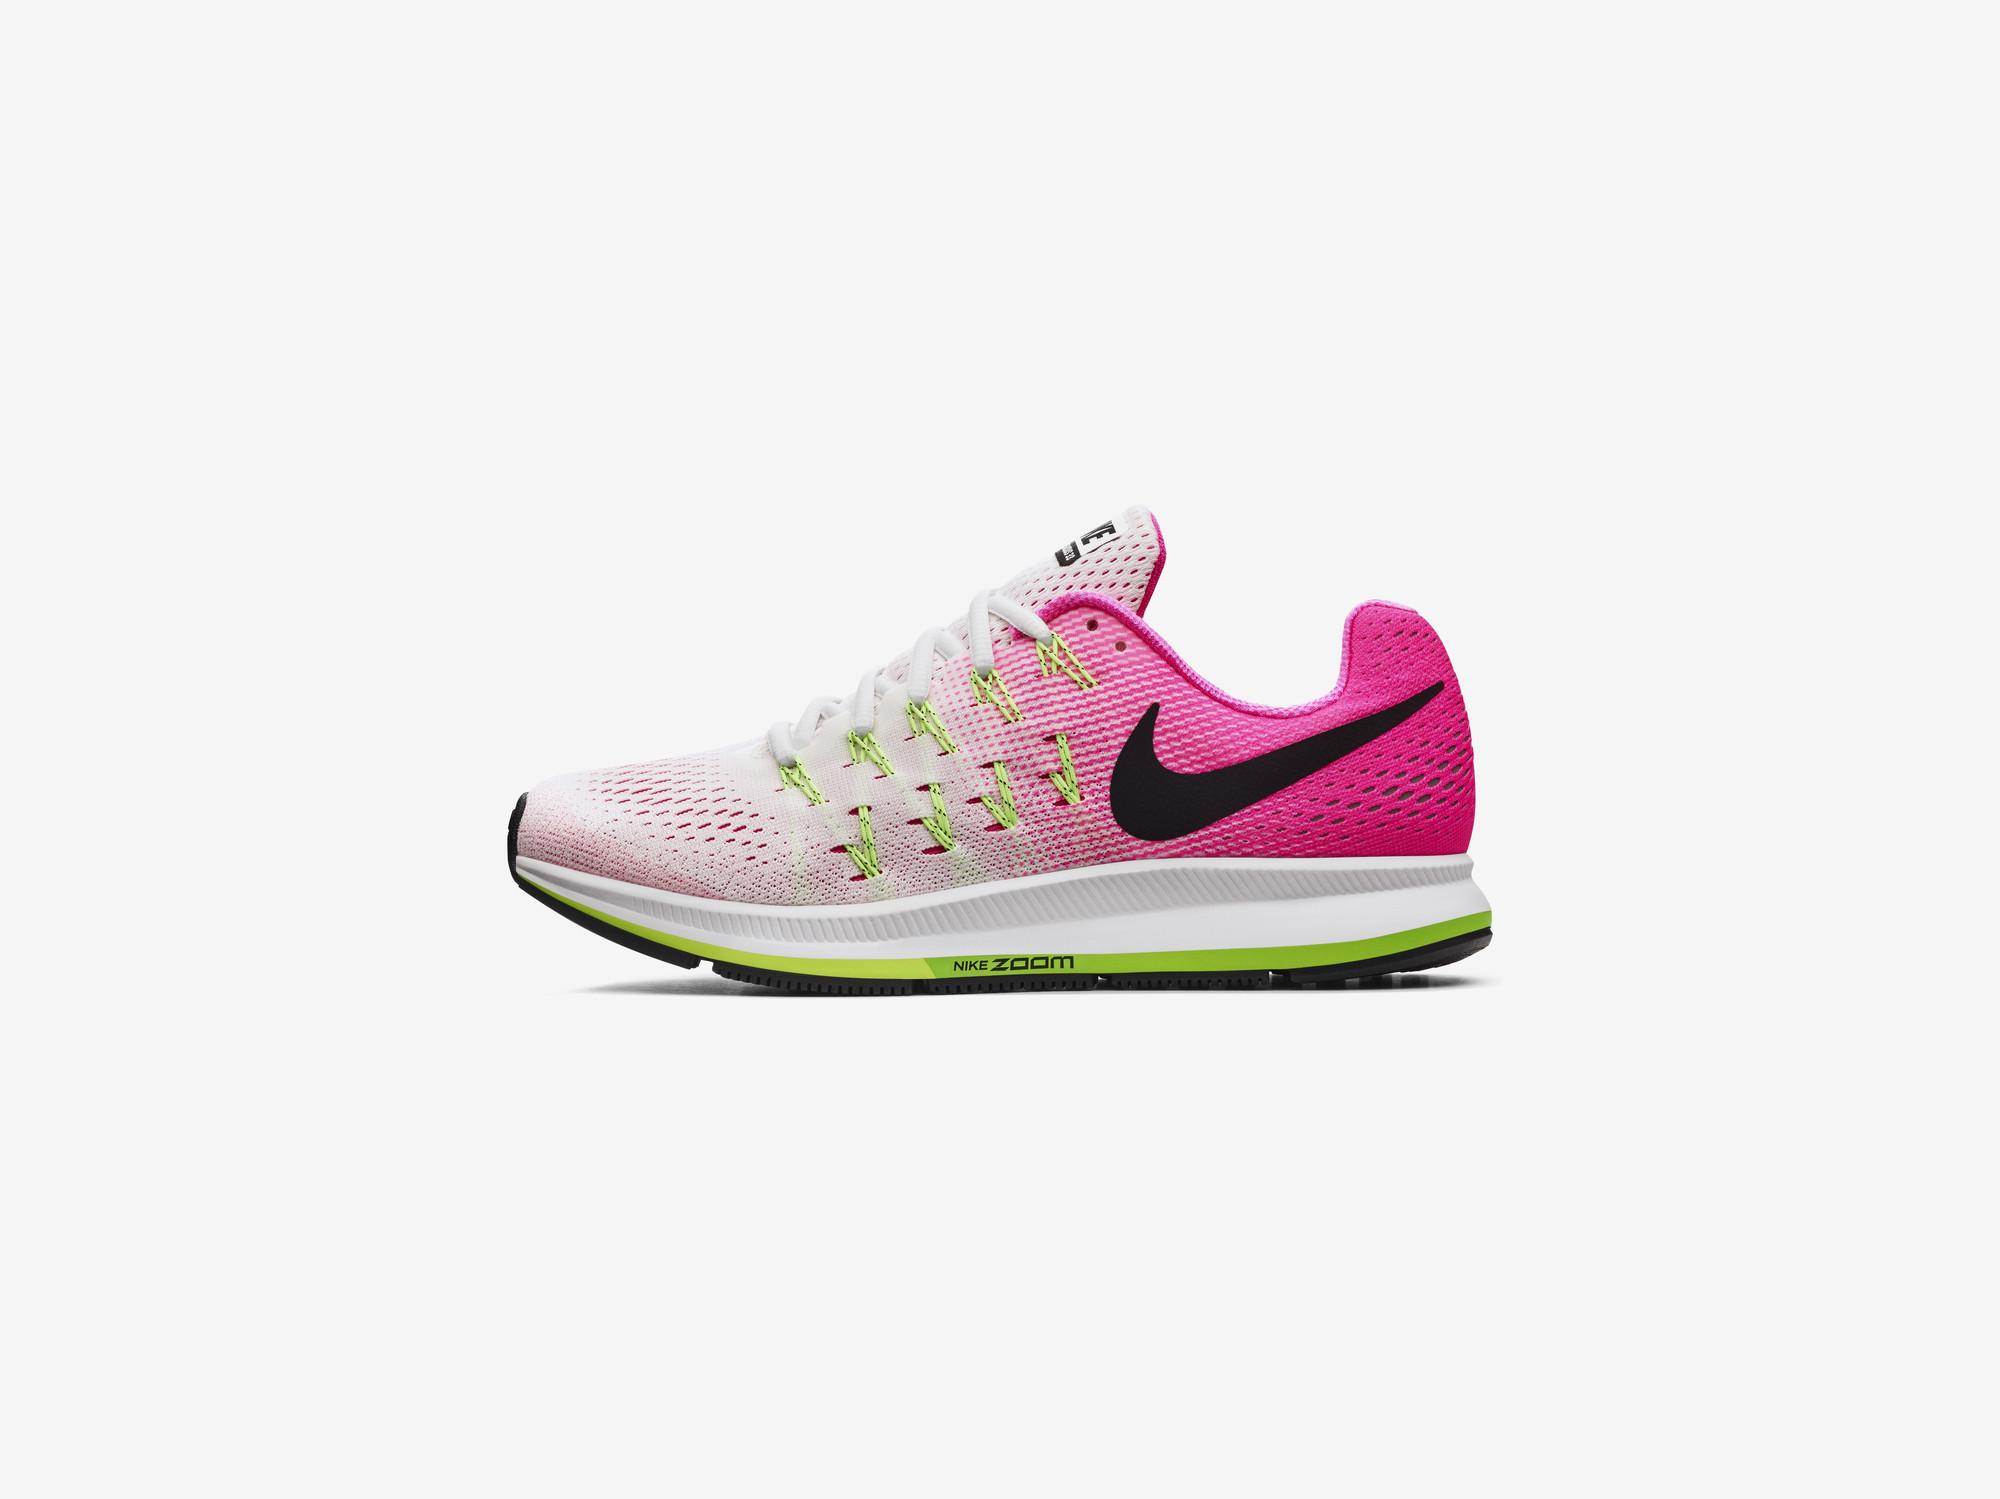 Air zoon pegasus 33. The Nike Air Zoom ...